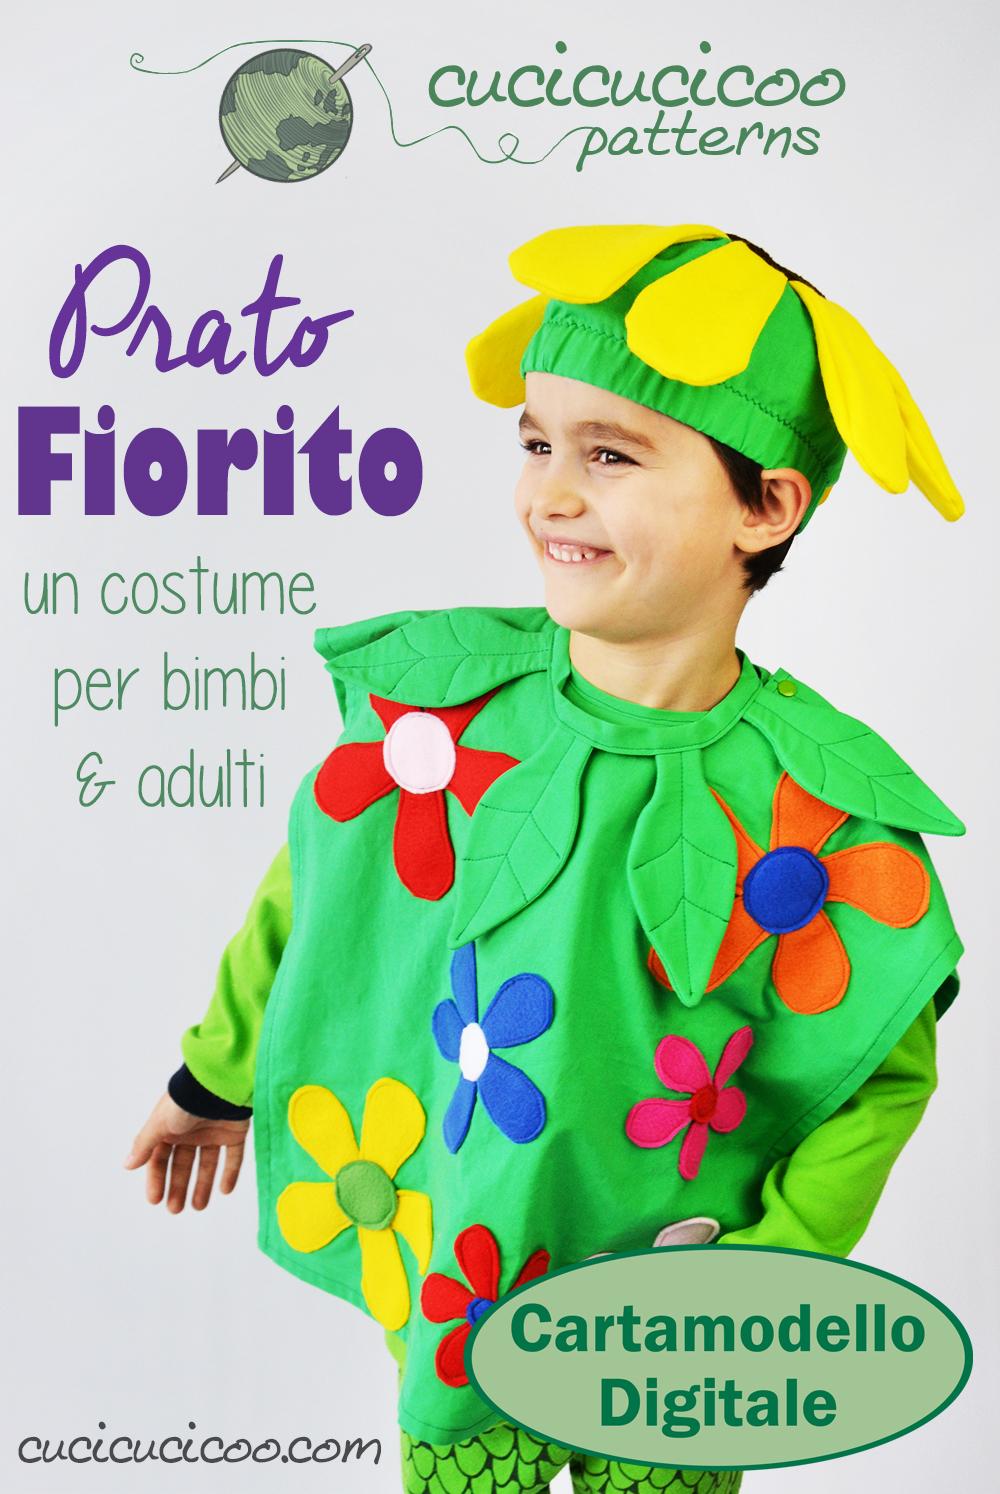 Il costume Prato Fiorito è colorato ed allegro… e per tutta la famiglia! Il cartamodello è composto da corpo, cappello e collare e ha 11 taglie da 2 anni fino ad adulti XL! Solo da Cucicucicoo Patterns!